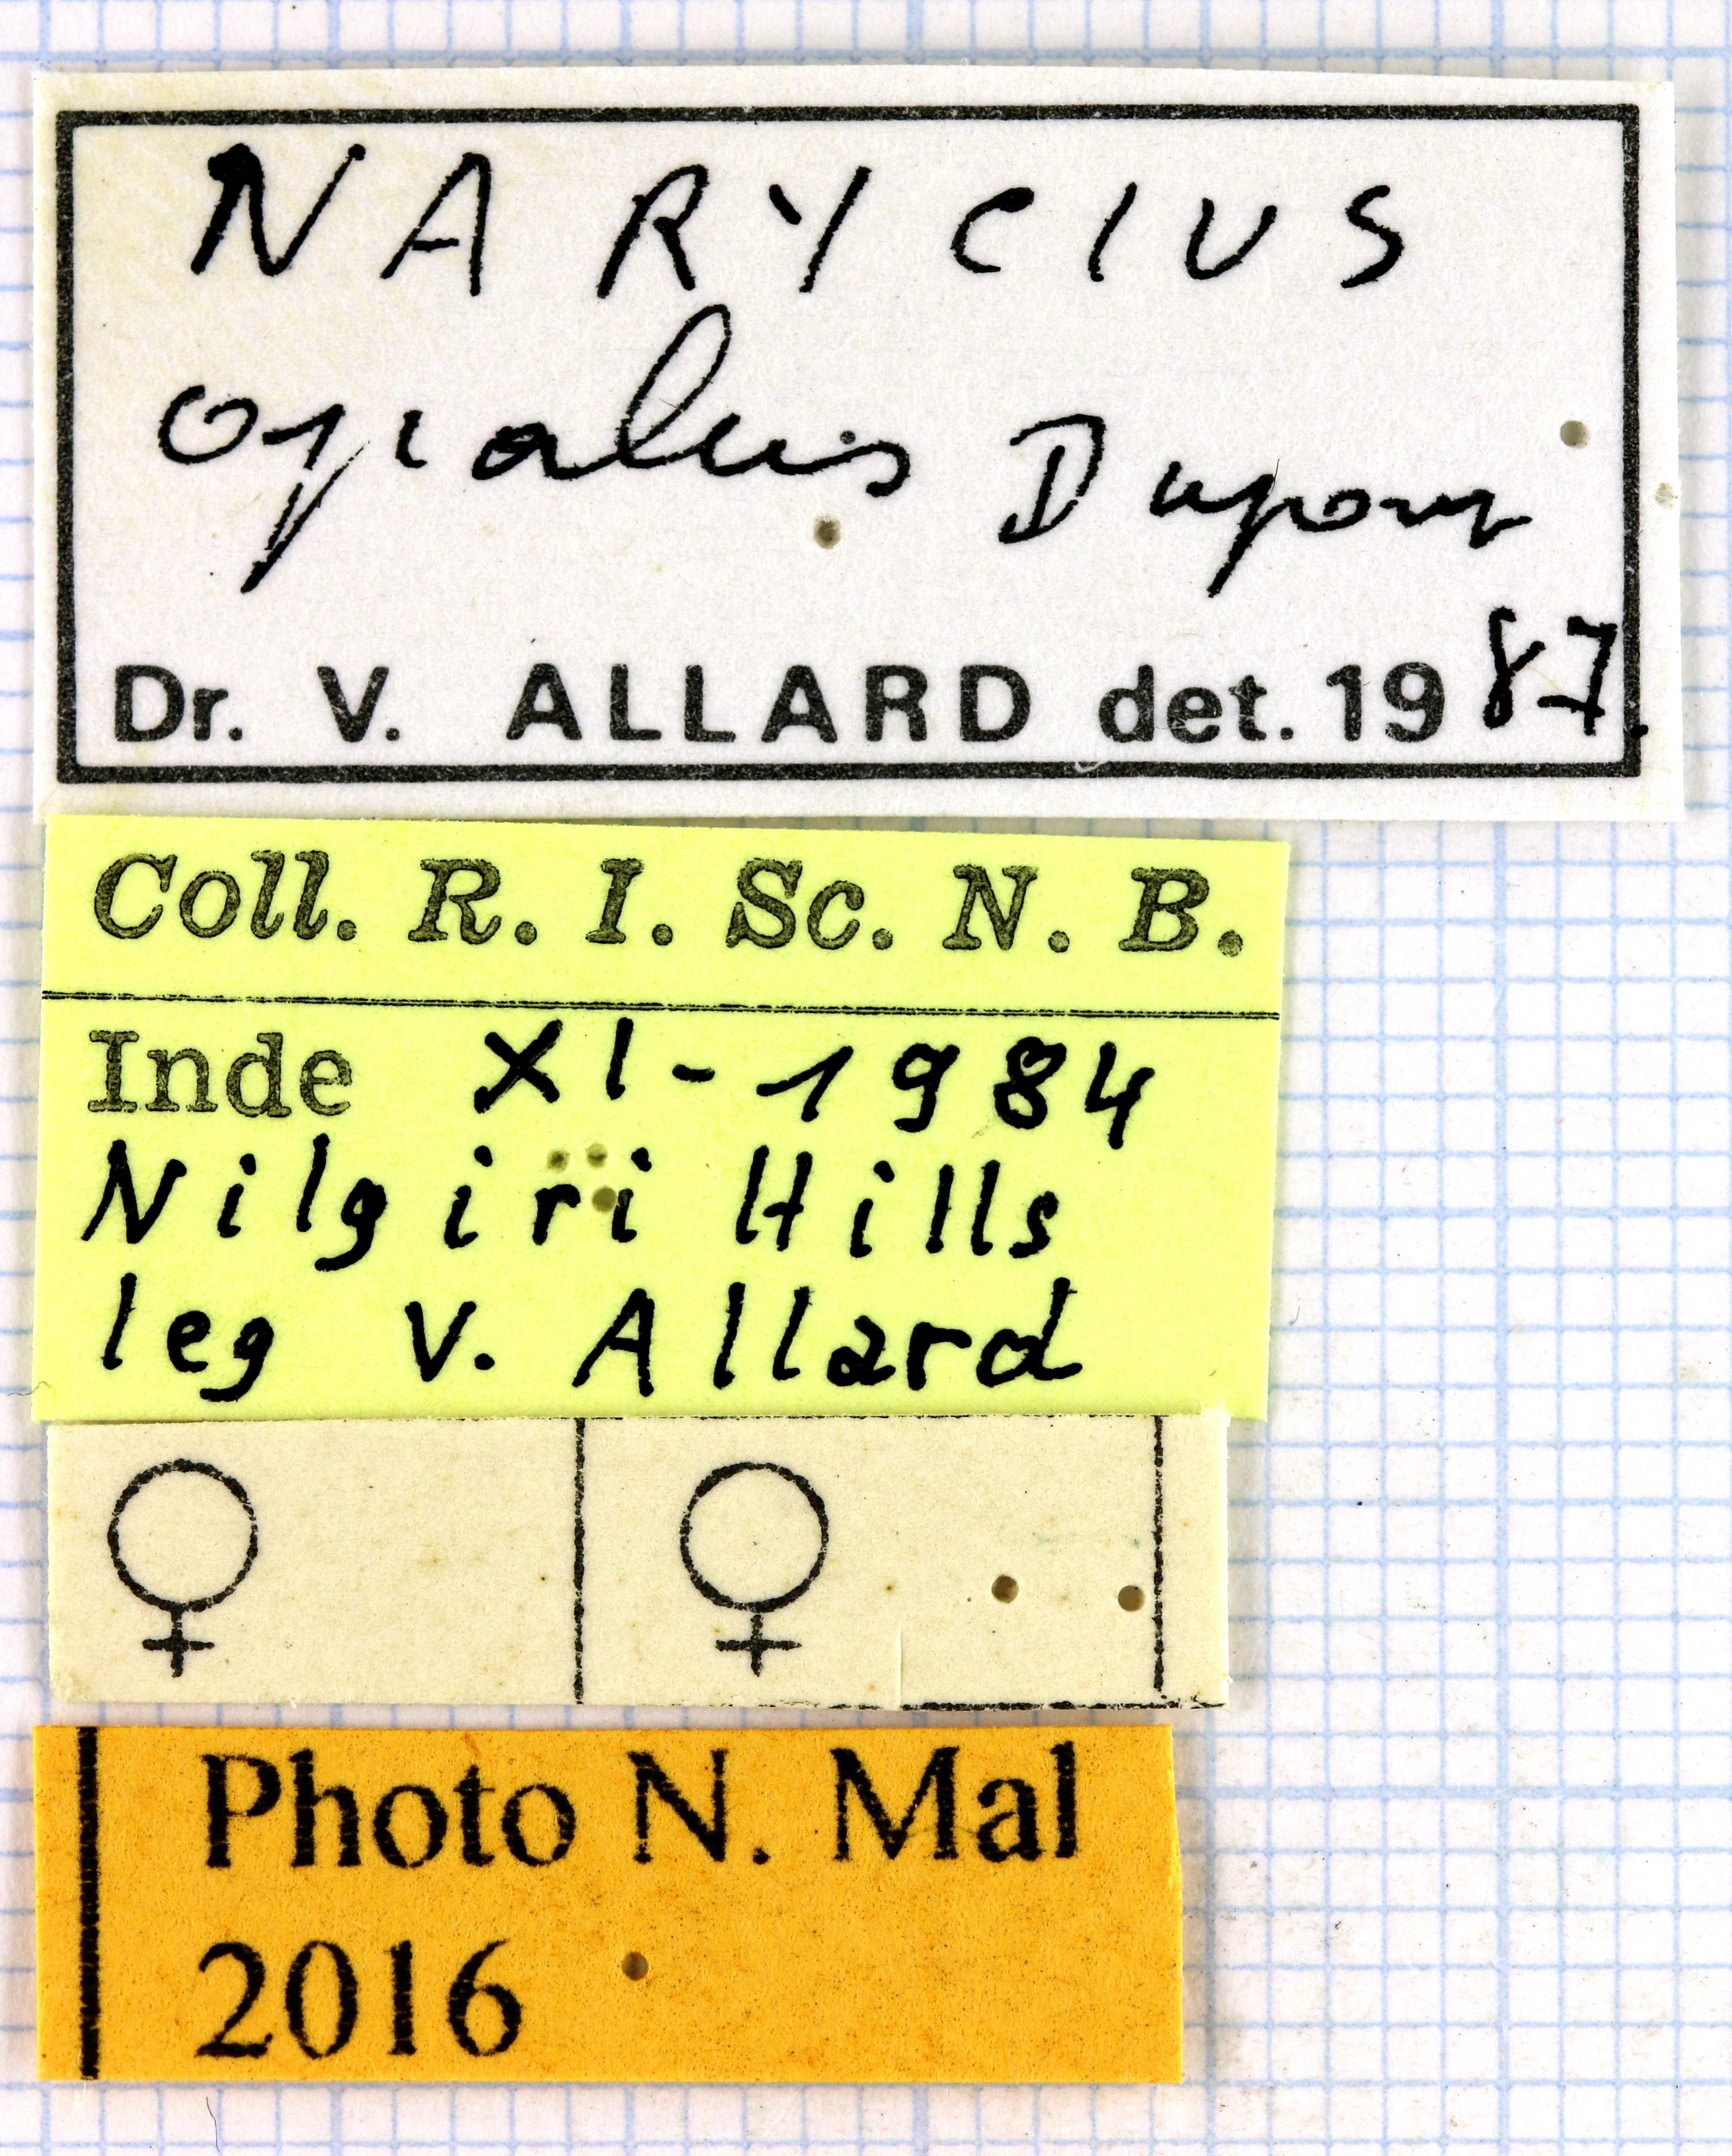 Narycius opalus VA 63002.jpg